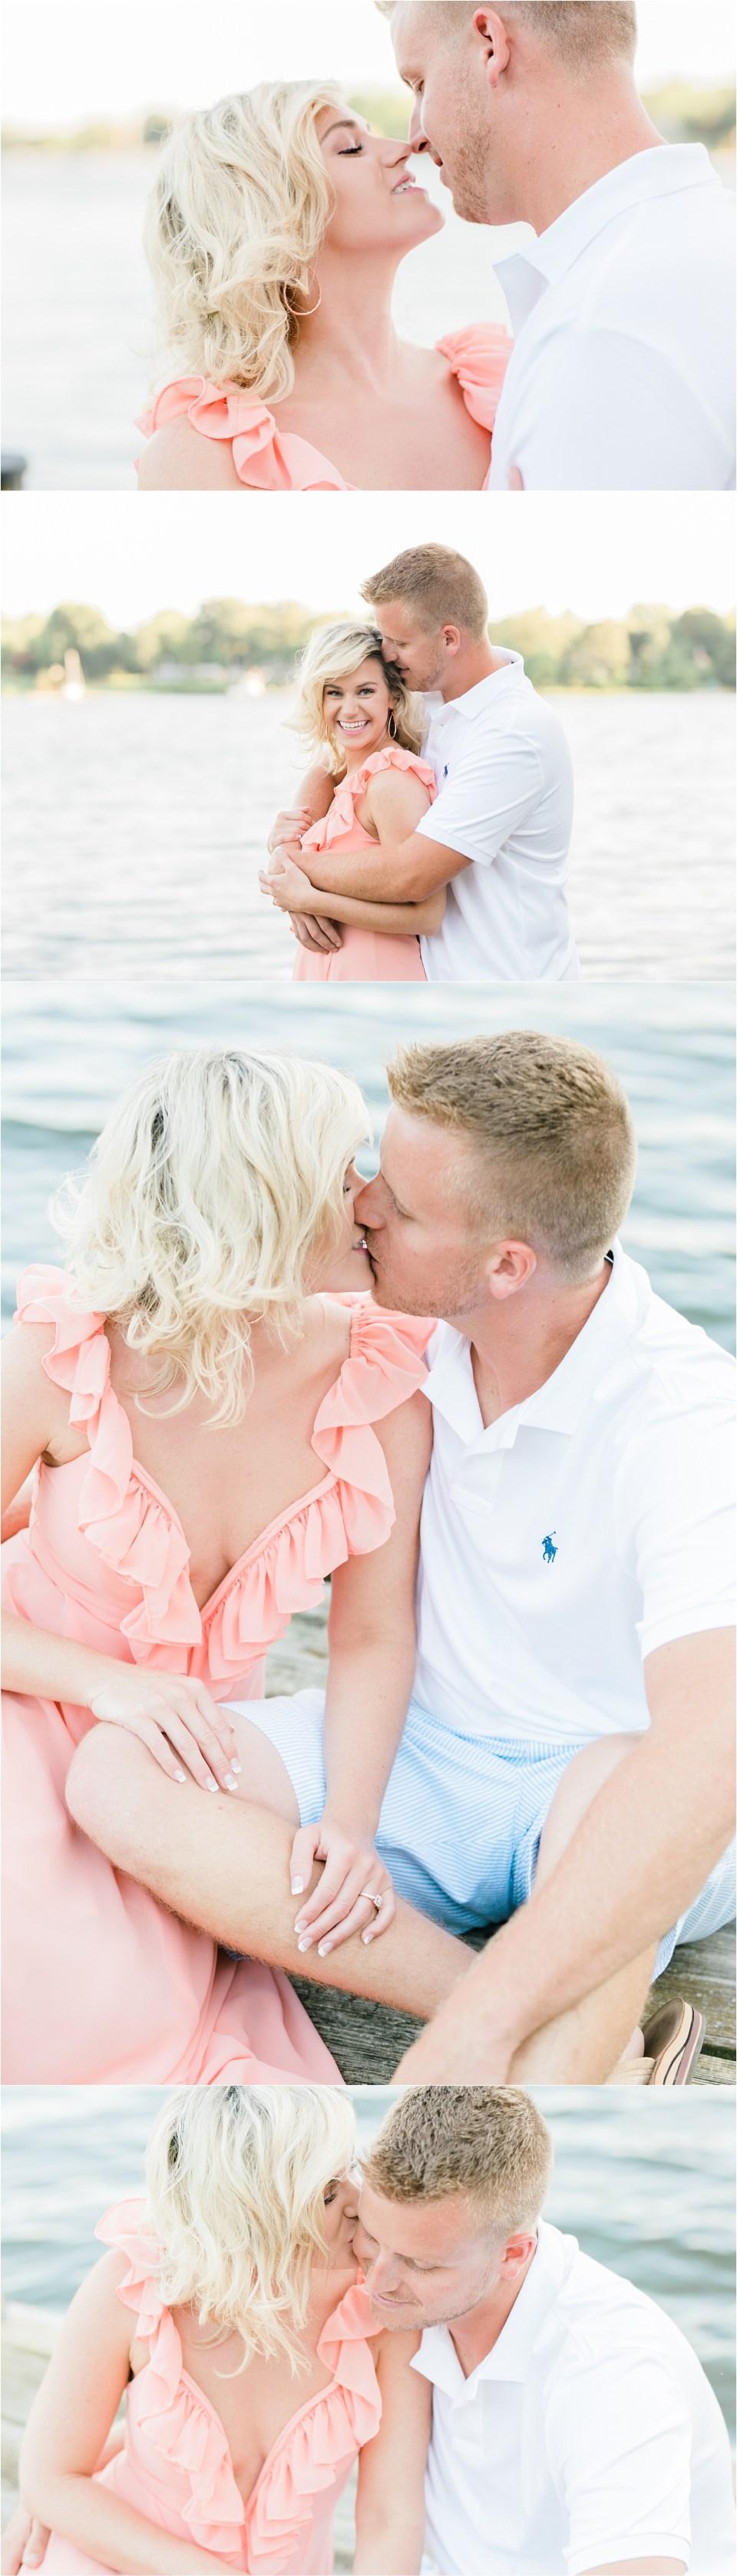 Costola Photography | Maryland Engagement Photographer | Boat Engagement Session